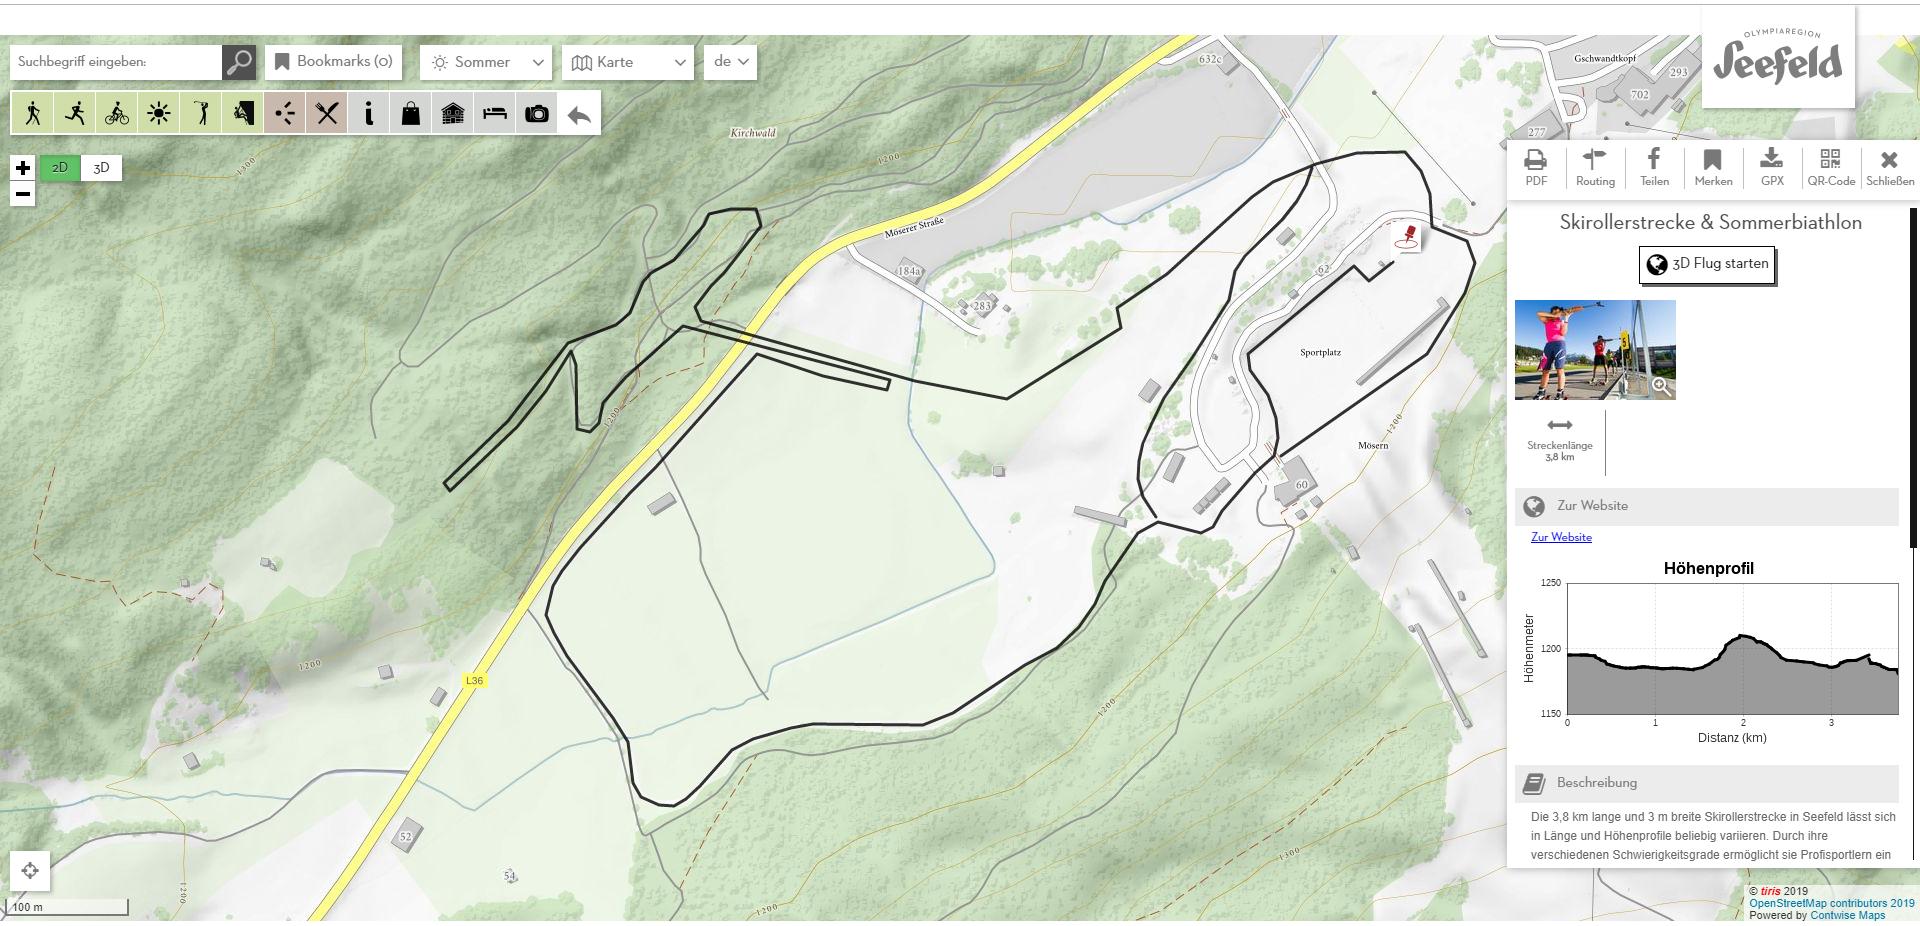 Skirollerstrecke & Sommerbiathlon in Seefeld - sommer, news